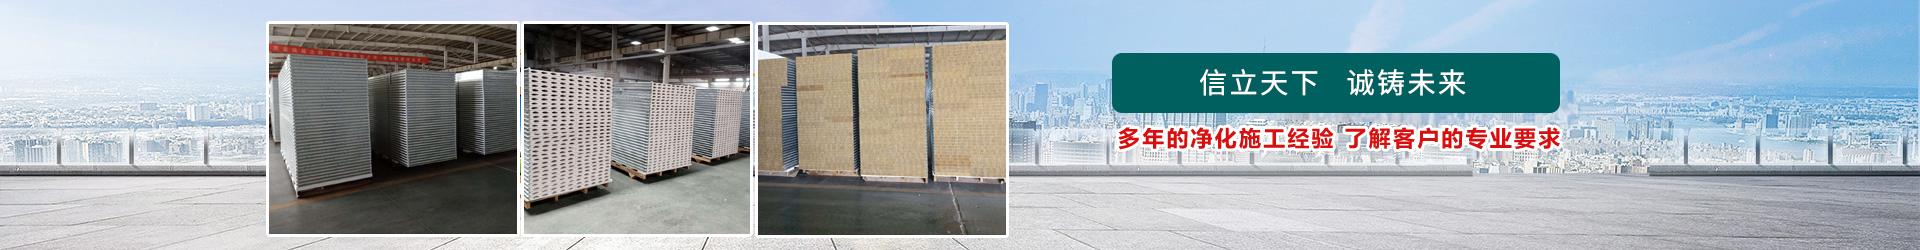 你知道净化板的防潮方法是什么吗